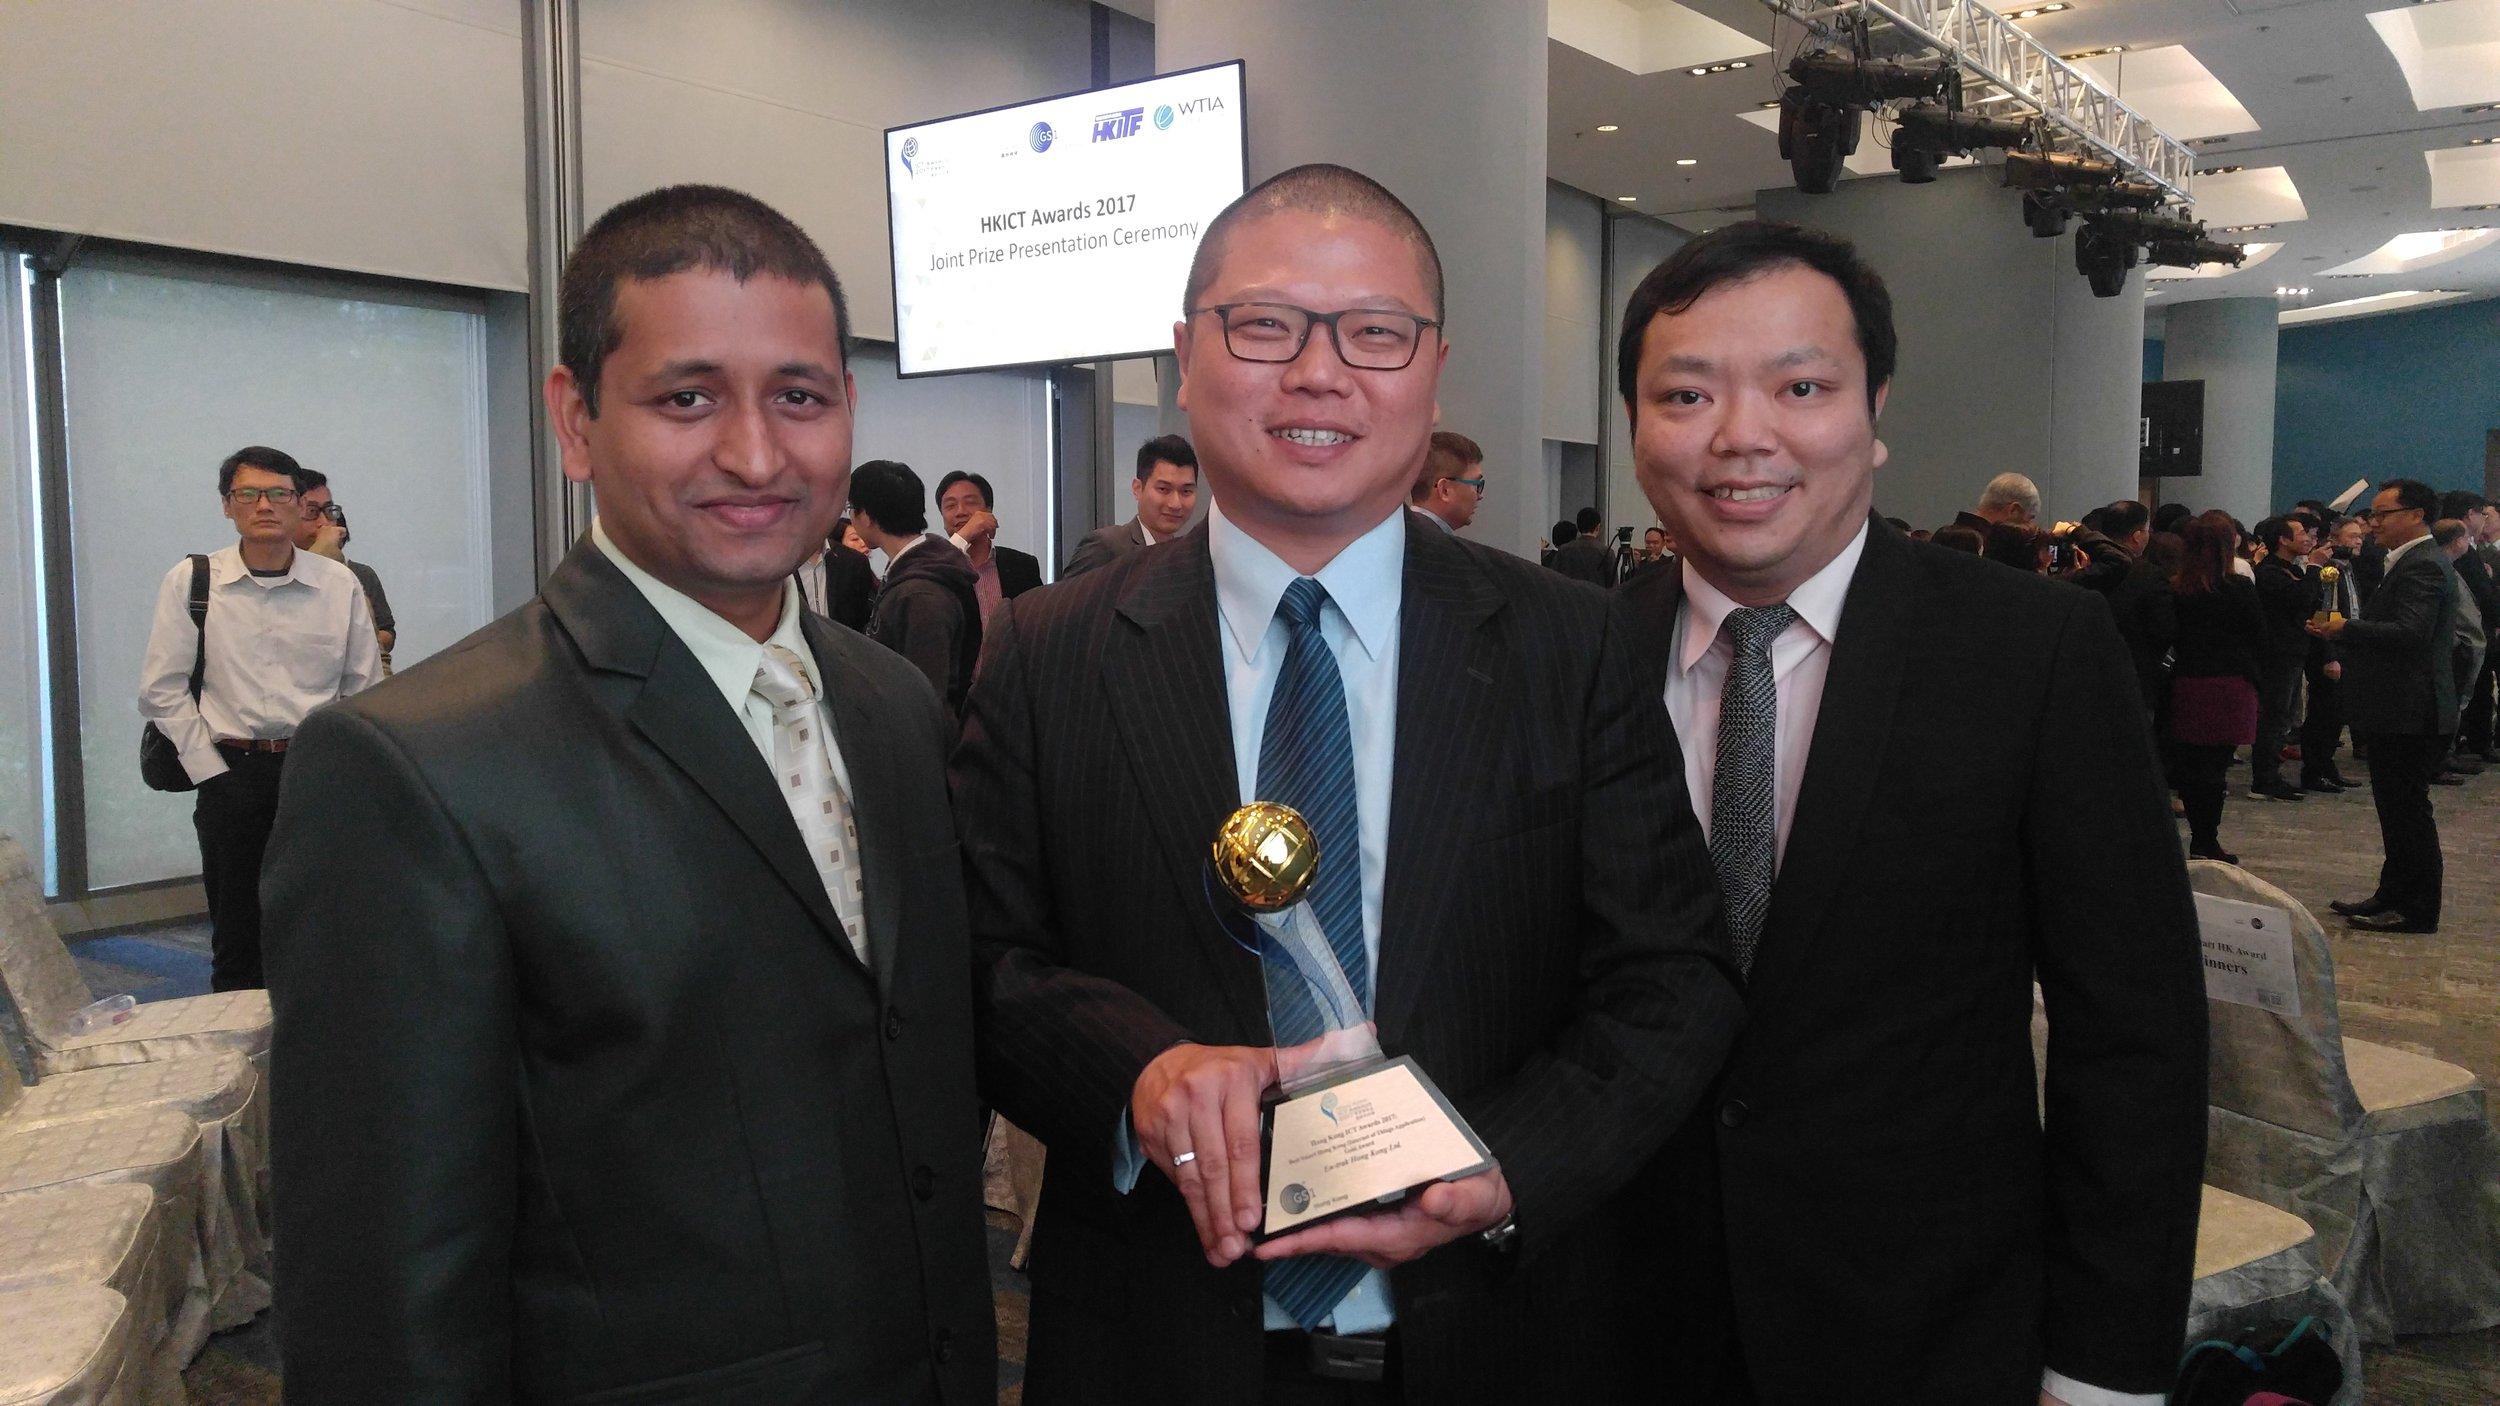 The En-trak team receiving the HK ICT Awards